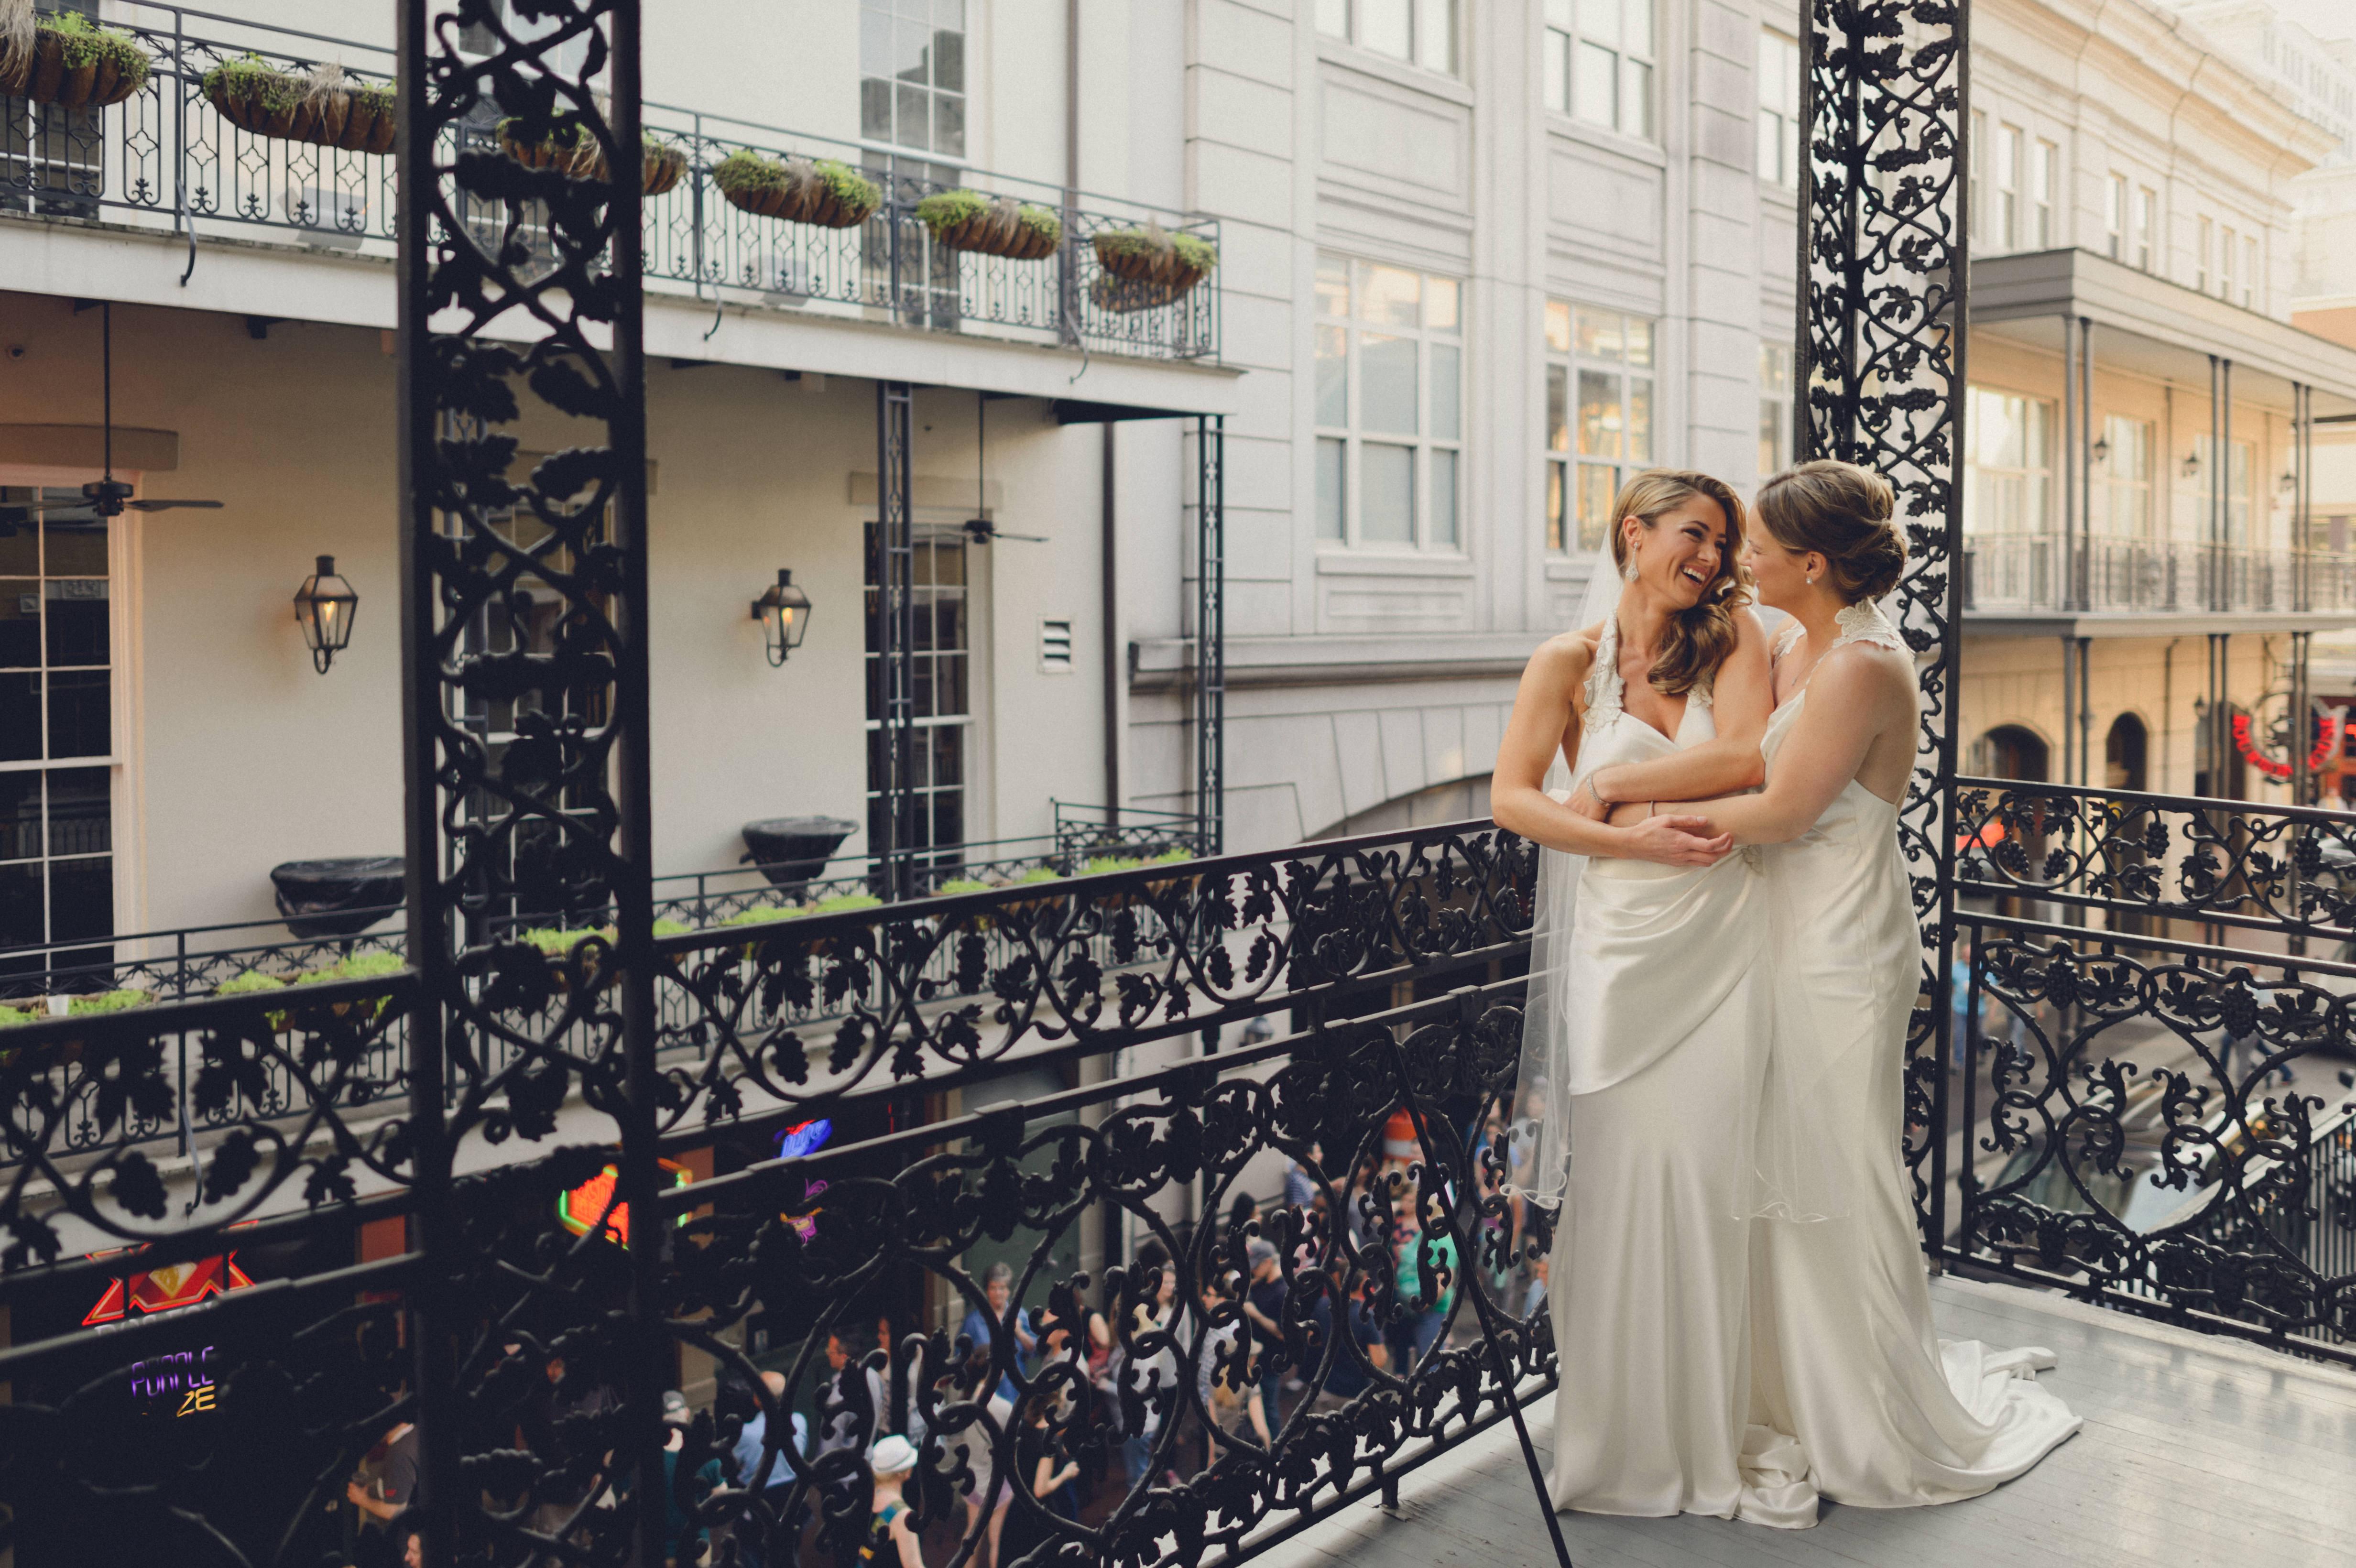 Free lesbian friendly wedding brochures — photo 6